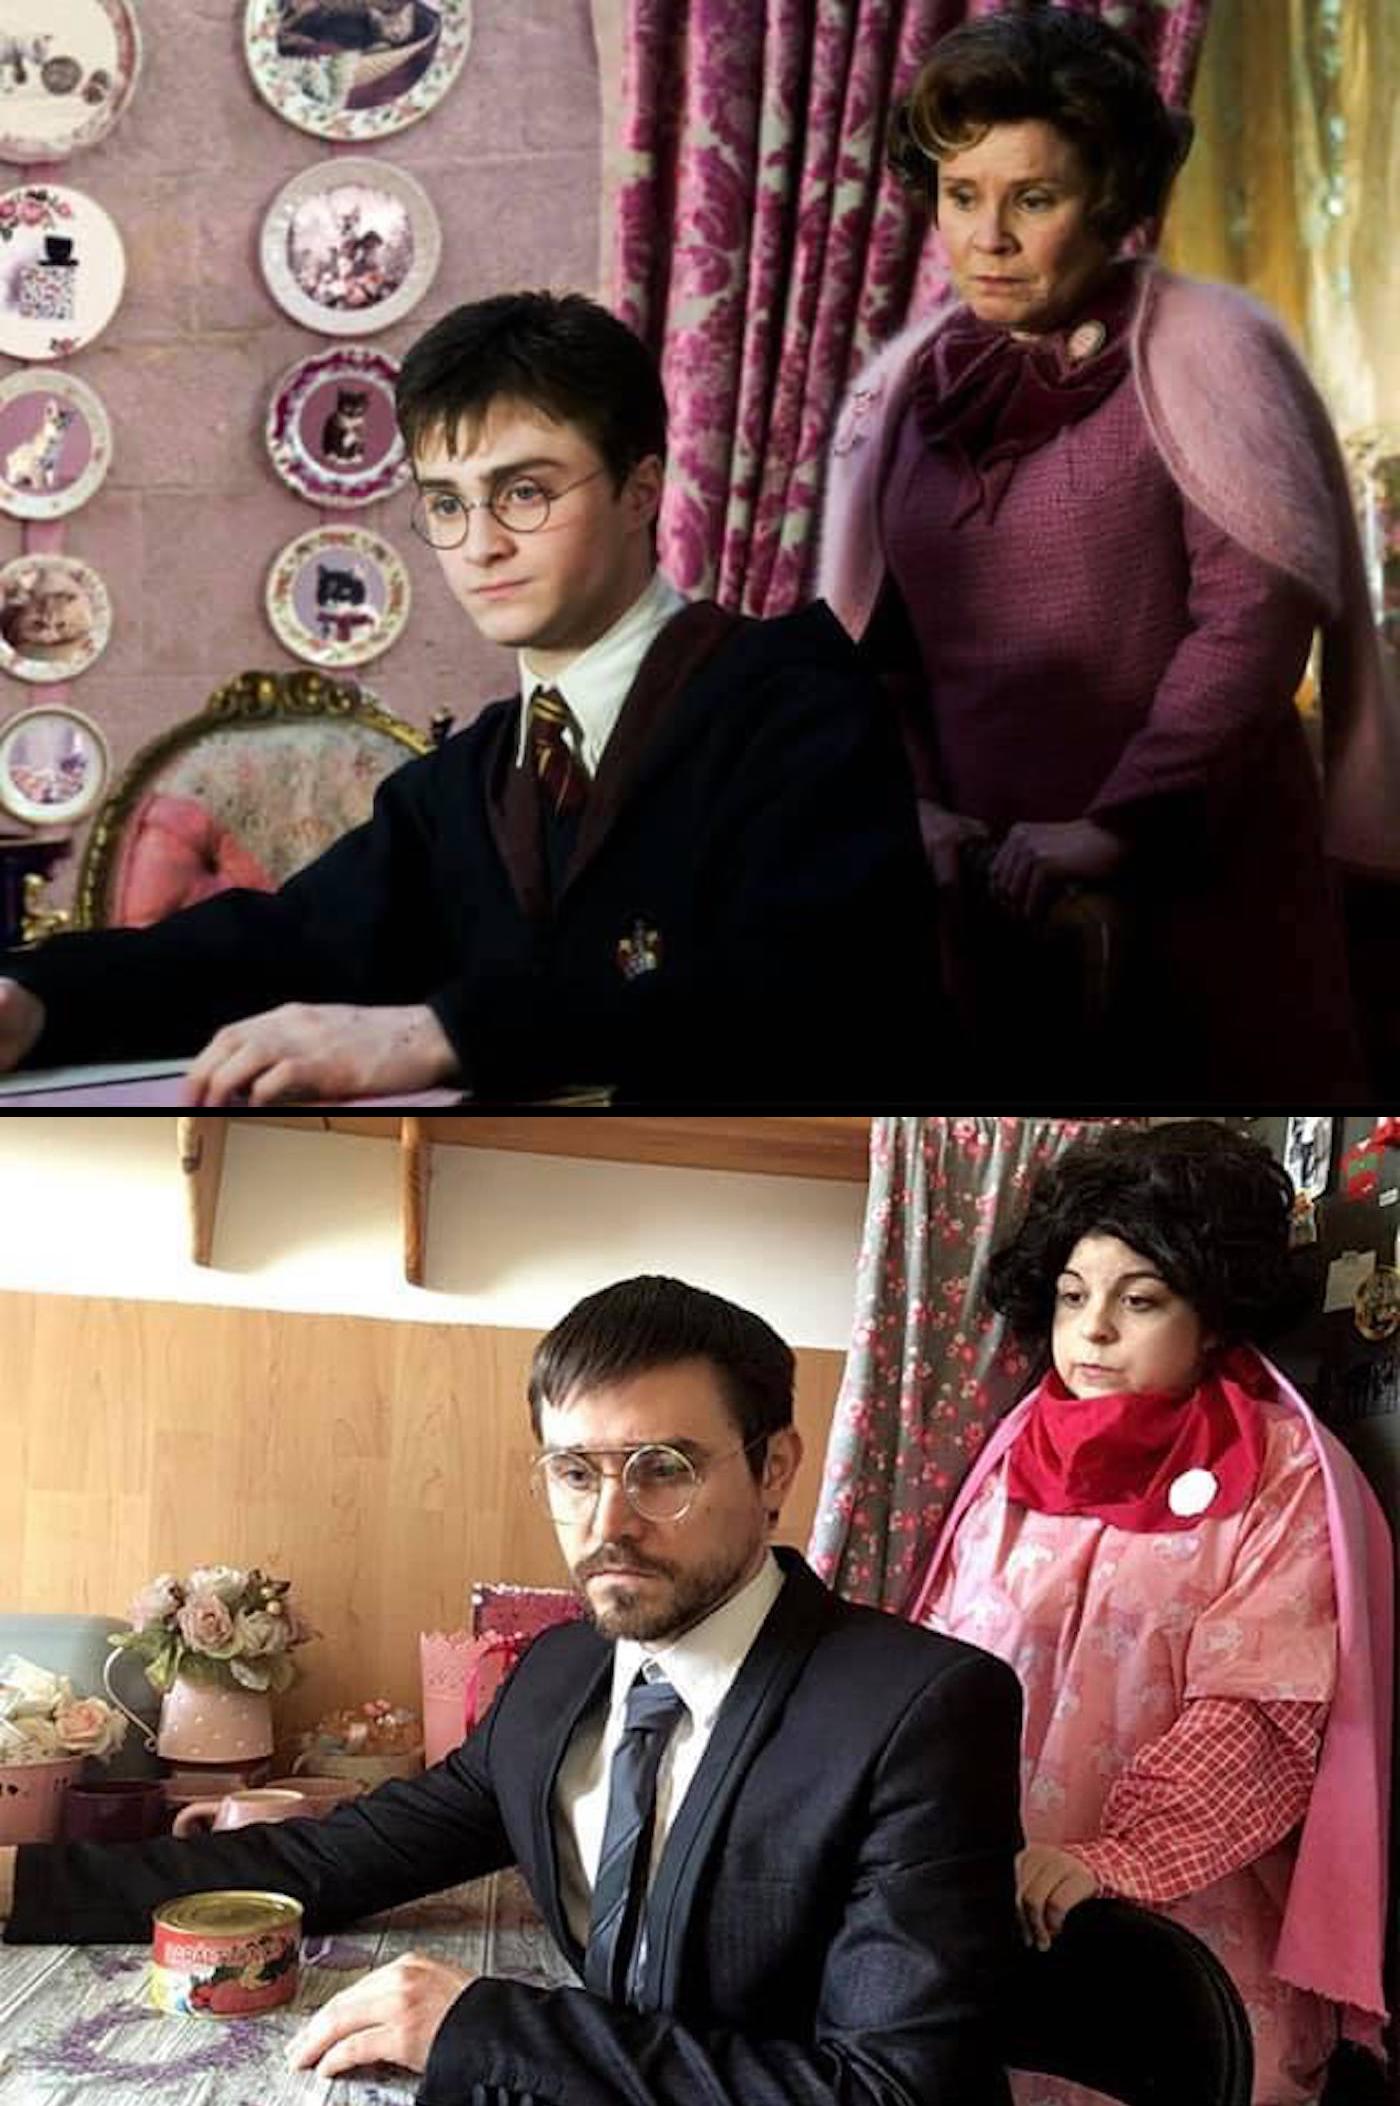 Détournement du film Harry Potter